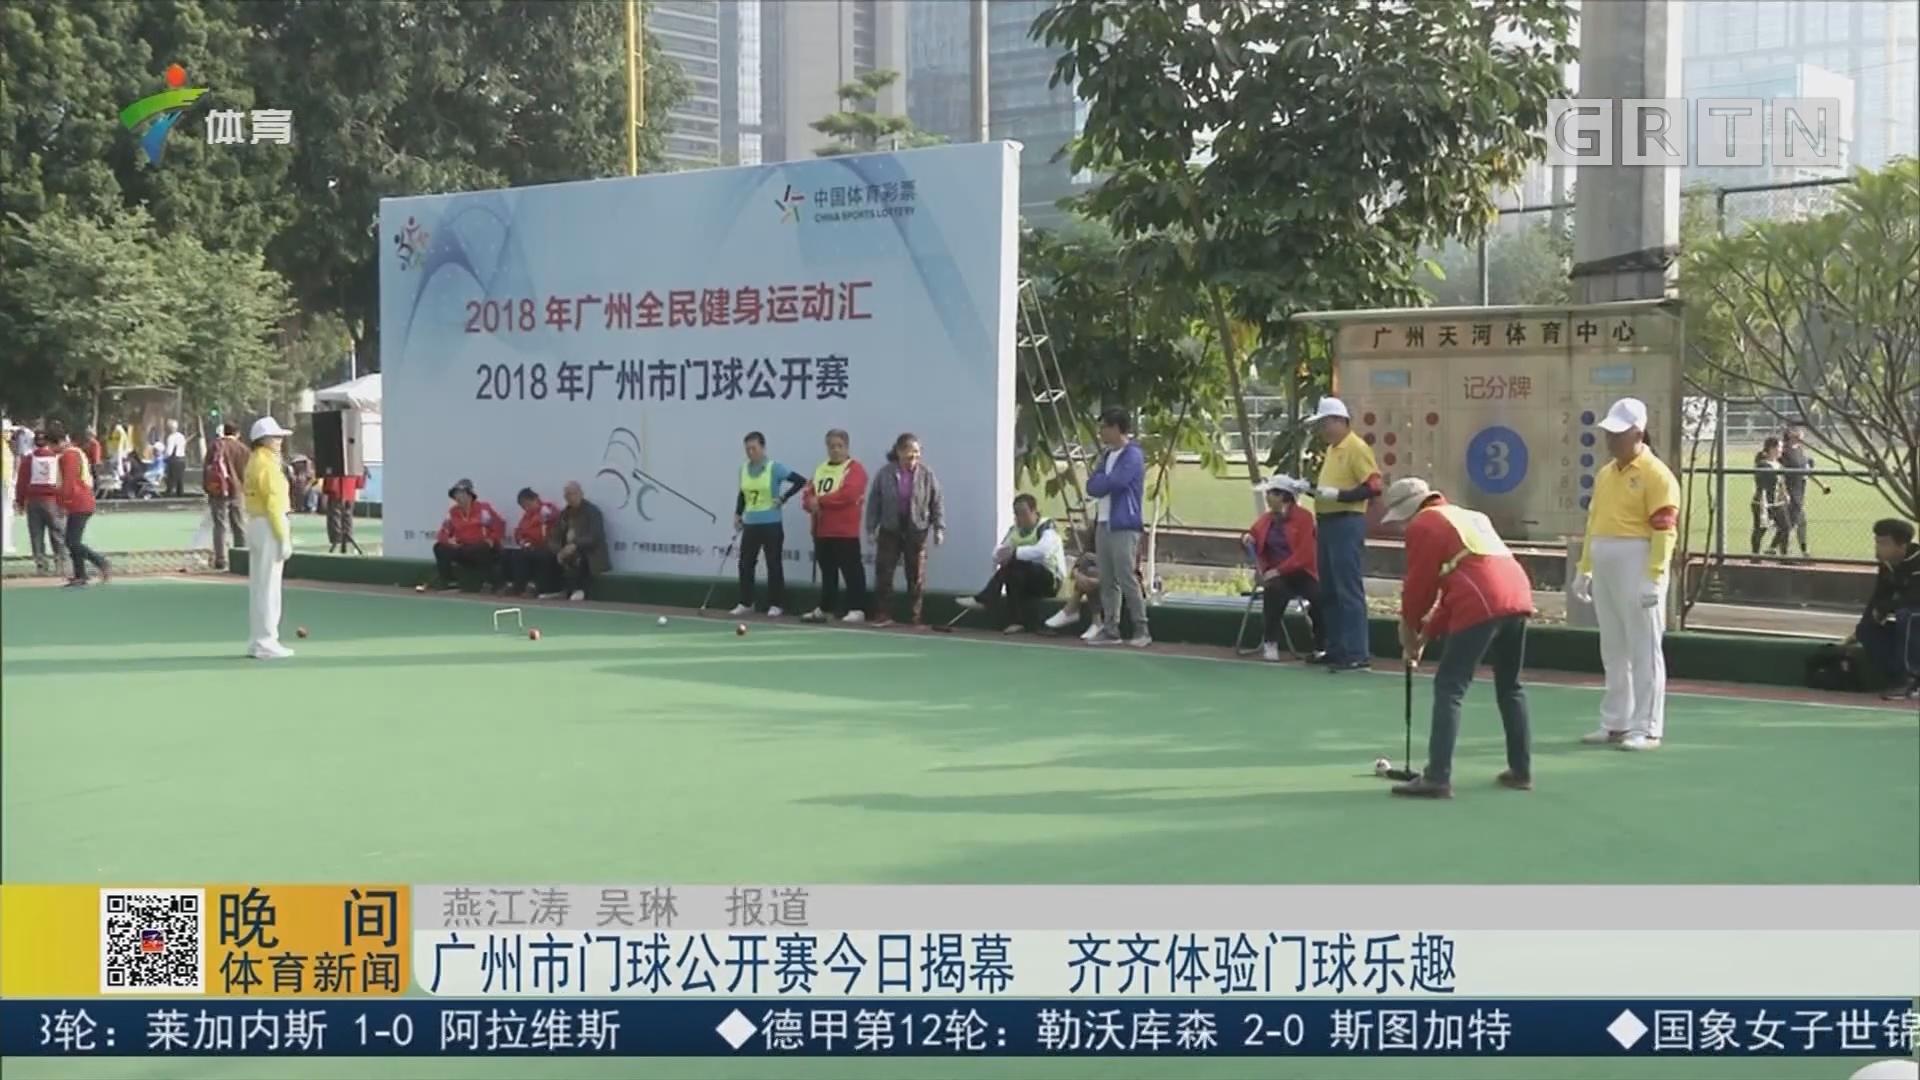 广州市门球公开赛今日揭幕 齐齐体验门球乐趣